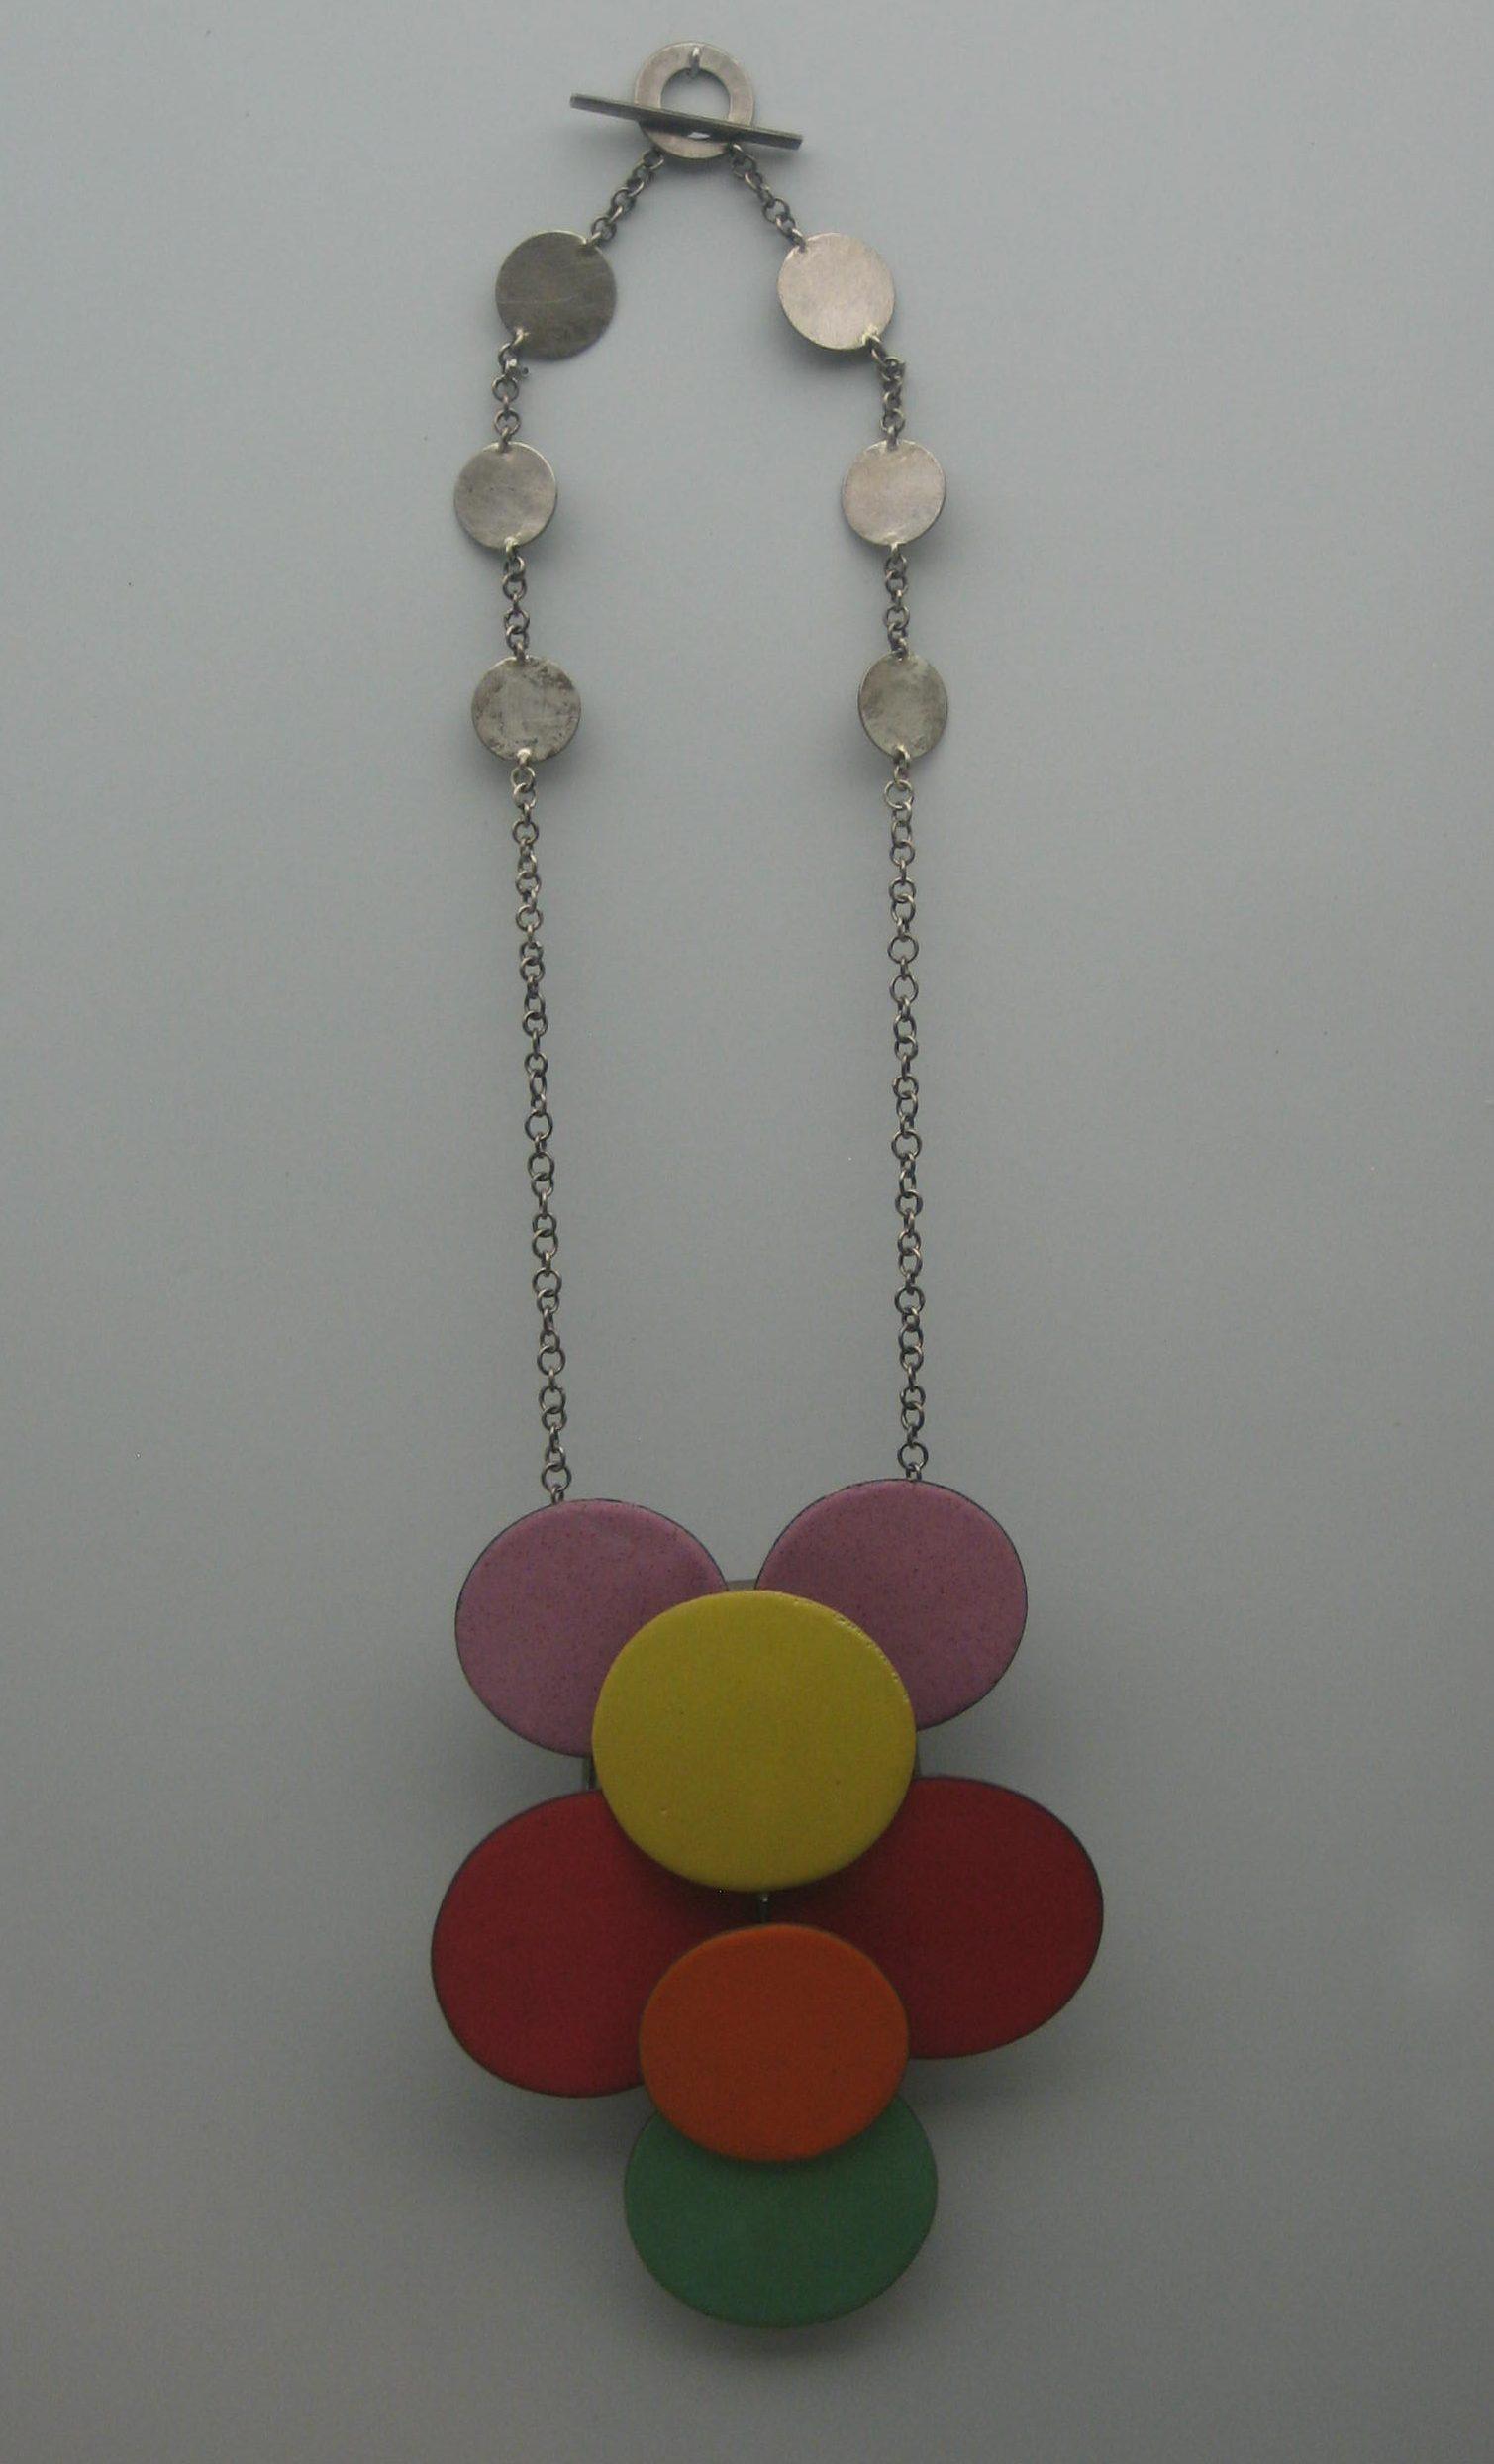 Daniel Kruger, halssieraad, 2008. Collectie Grassimuseum, metaal, email